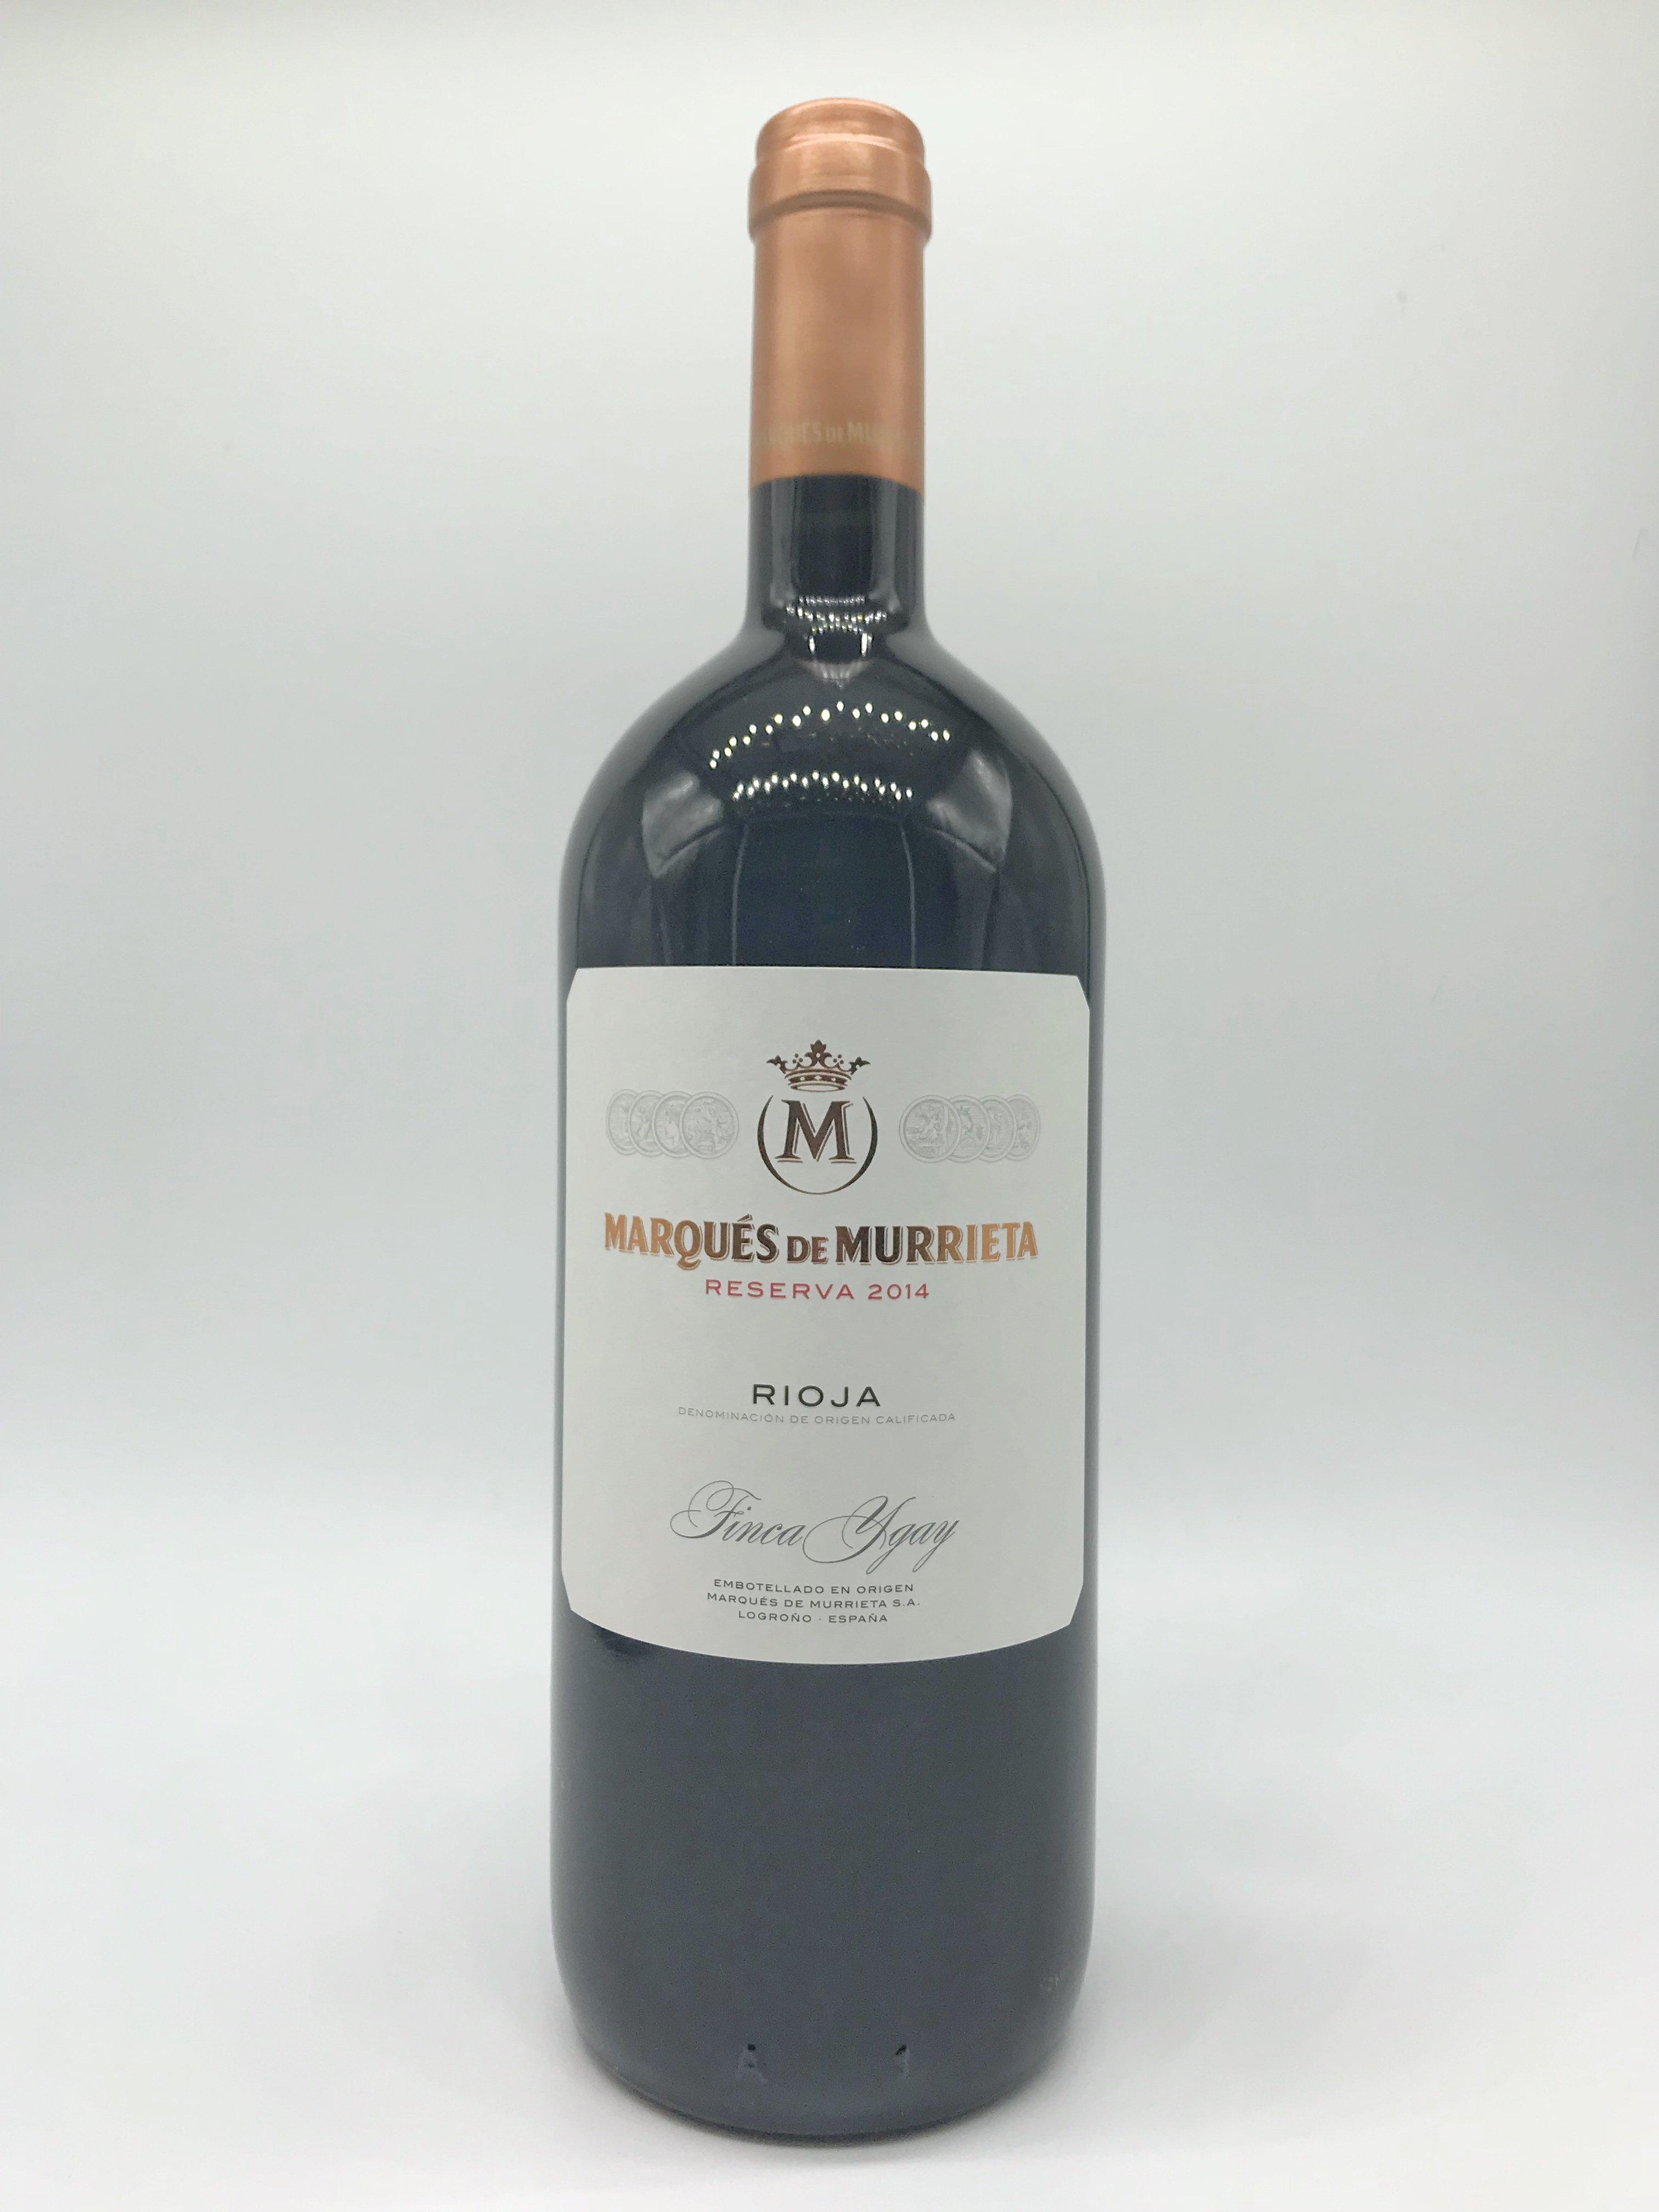 Marques de Murrieta Rioja Reserva 2014 Magnum 00084